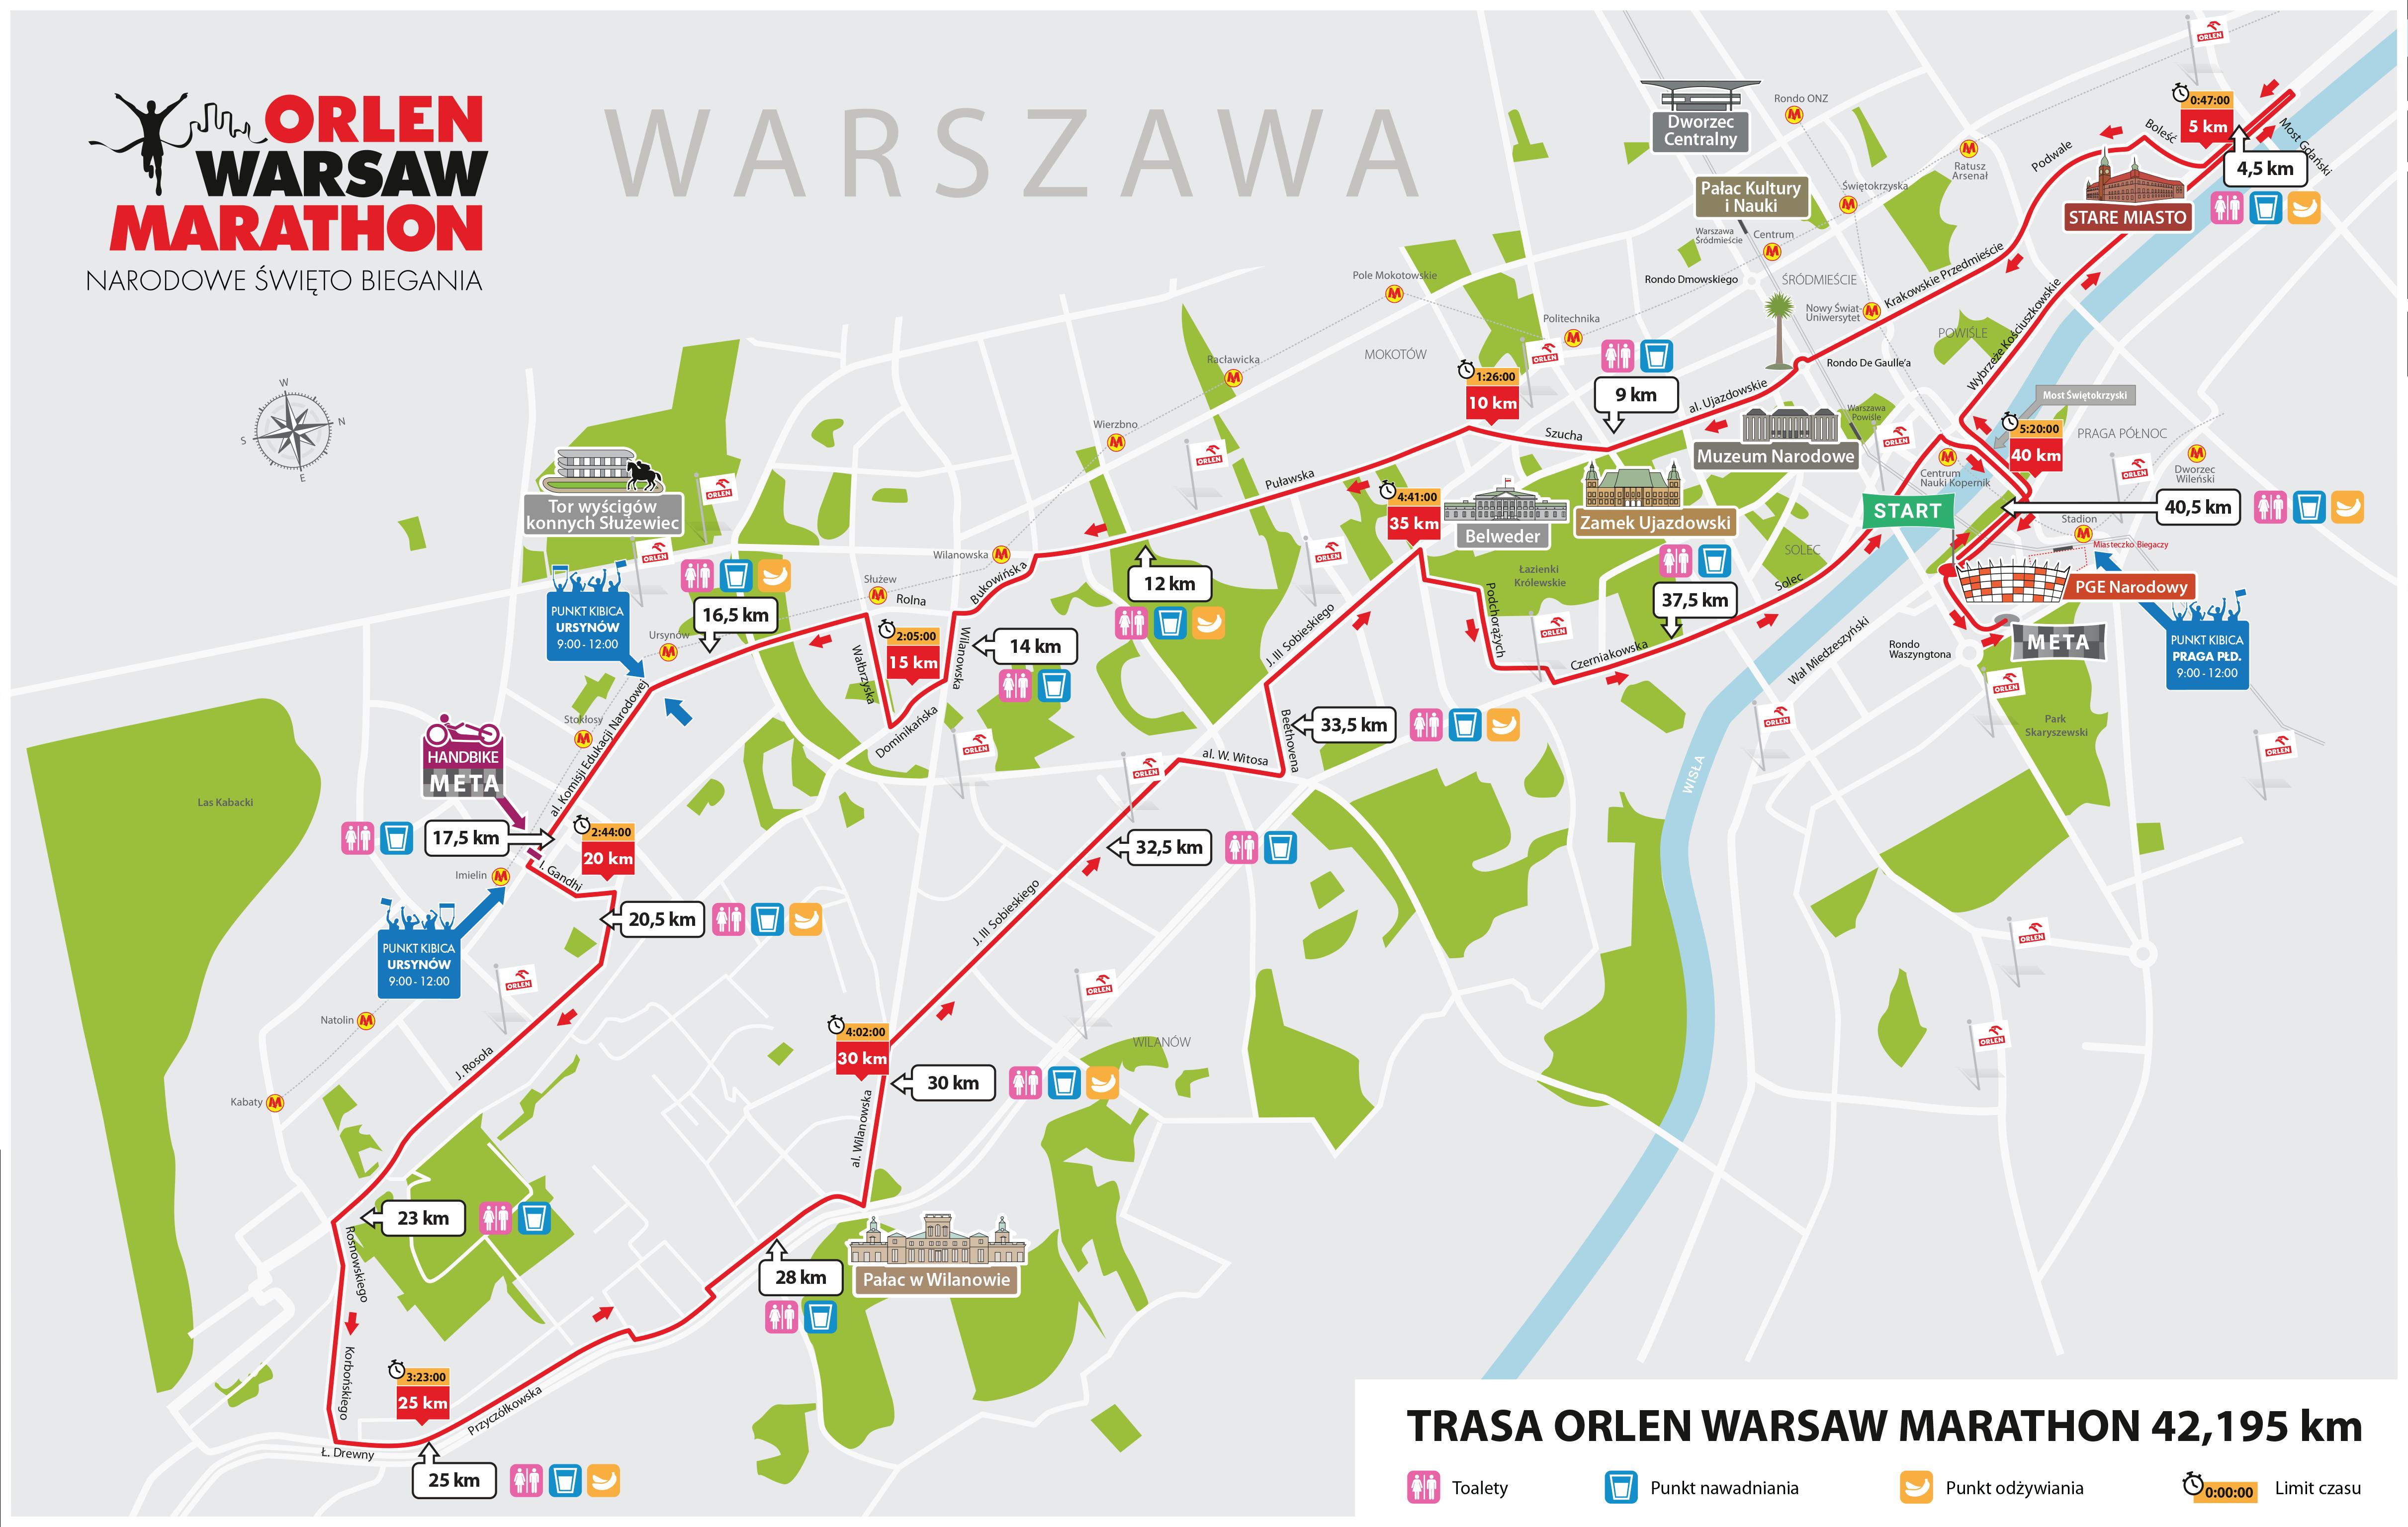 fot. materiały prasowe\mapa marathonu OWM 2018